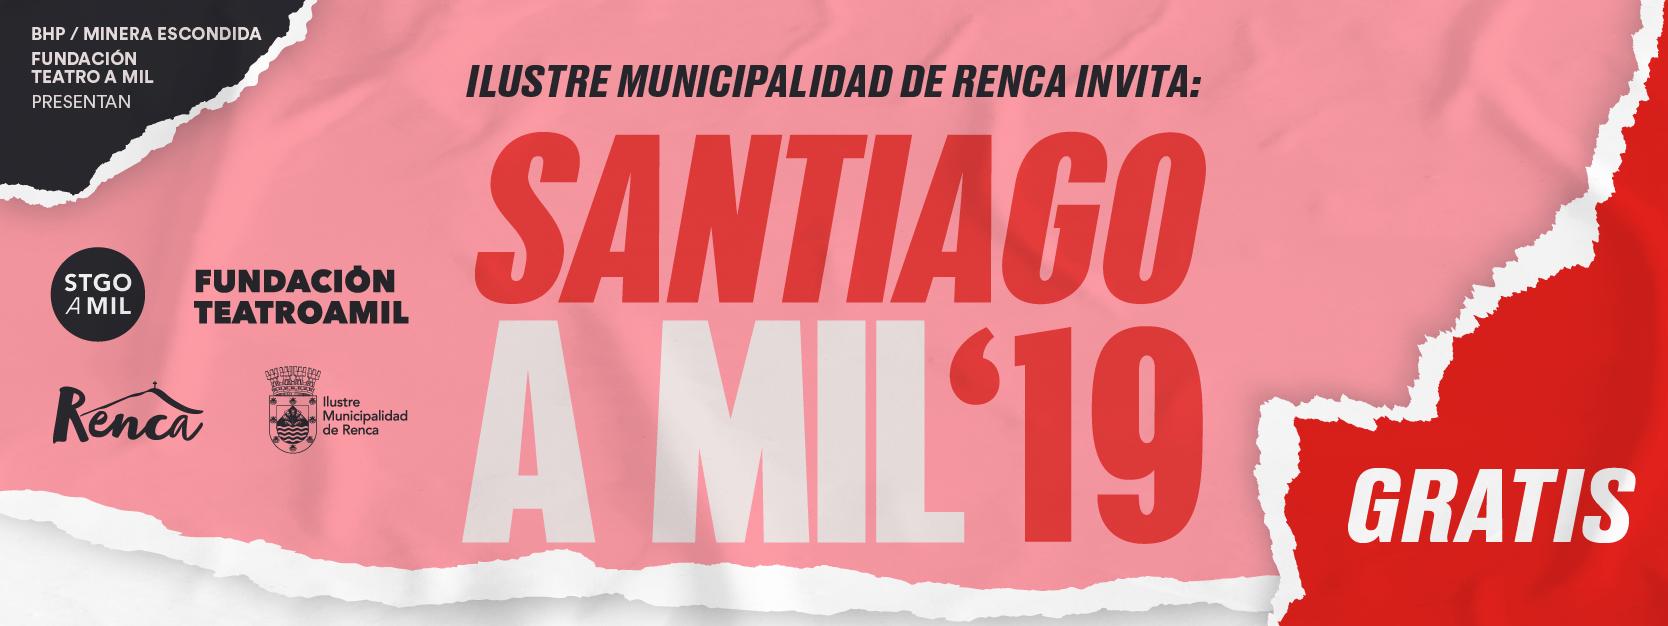 Te invitamos a disfrutar del festival de teatro más importante de Chile en Renca